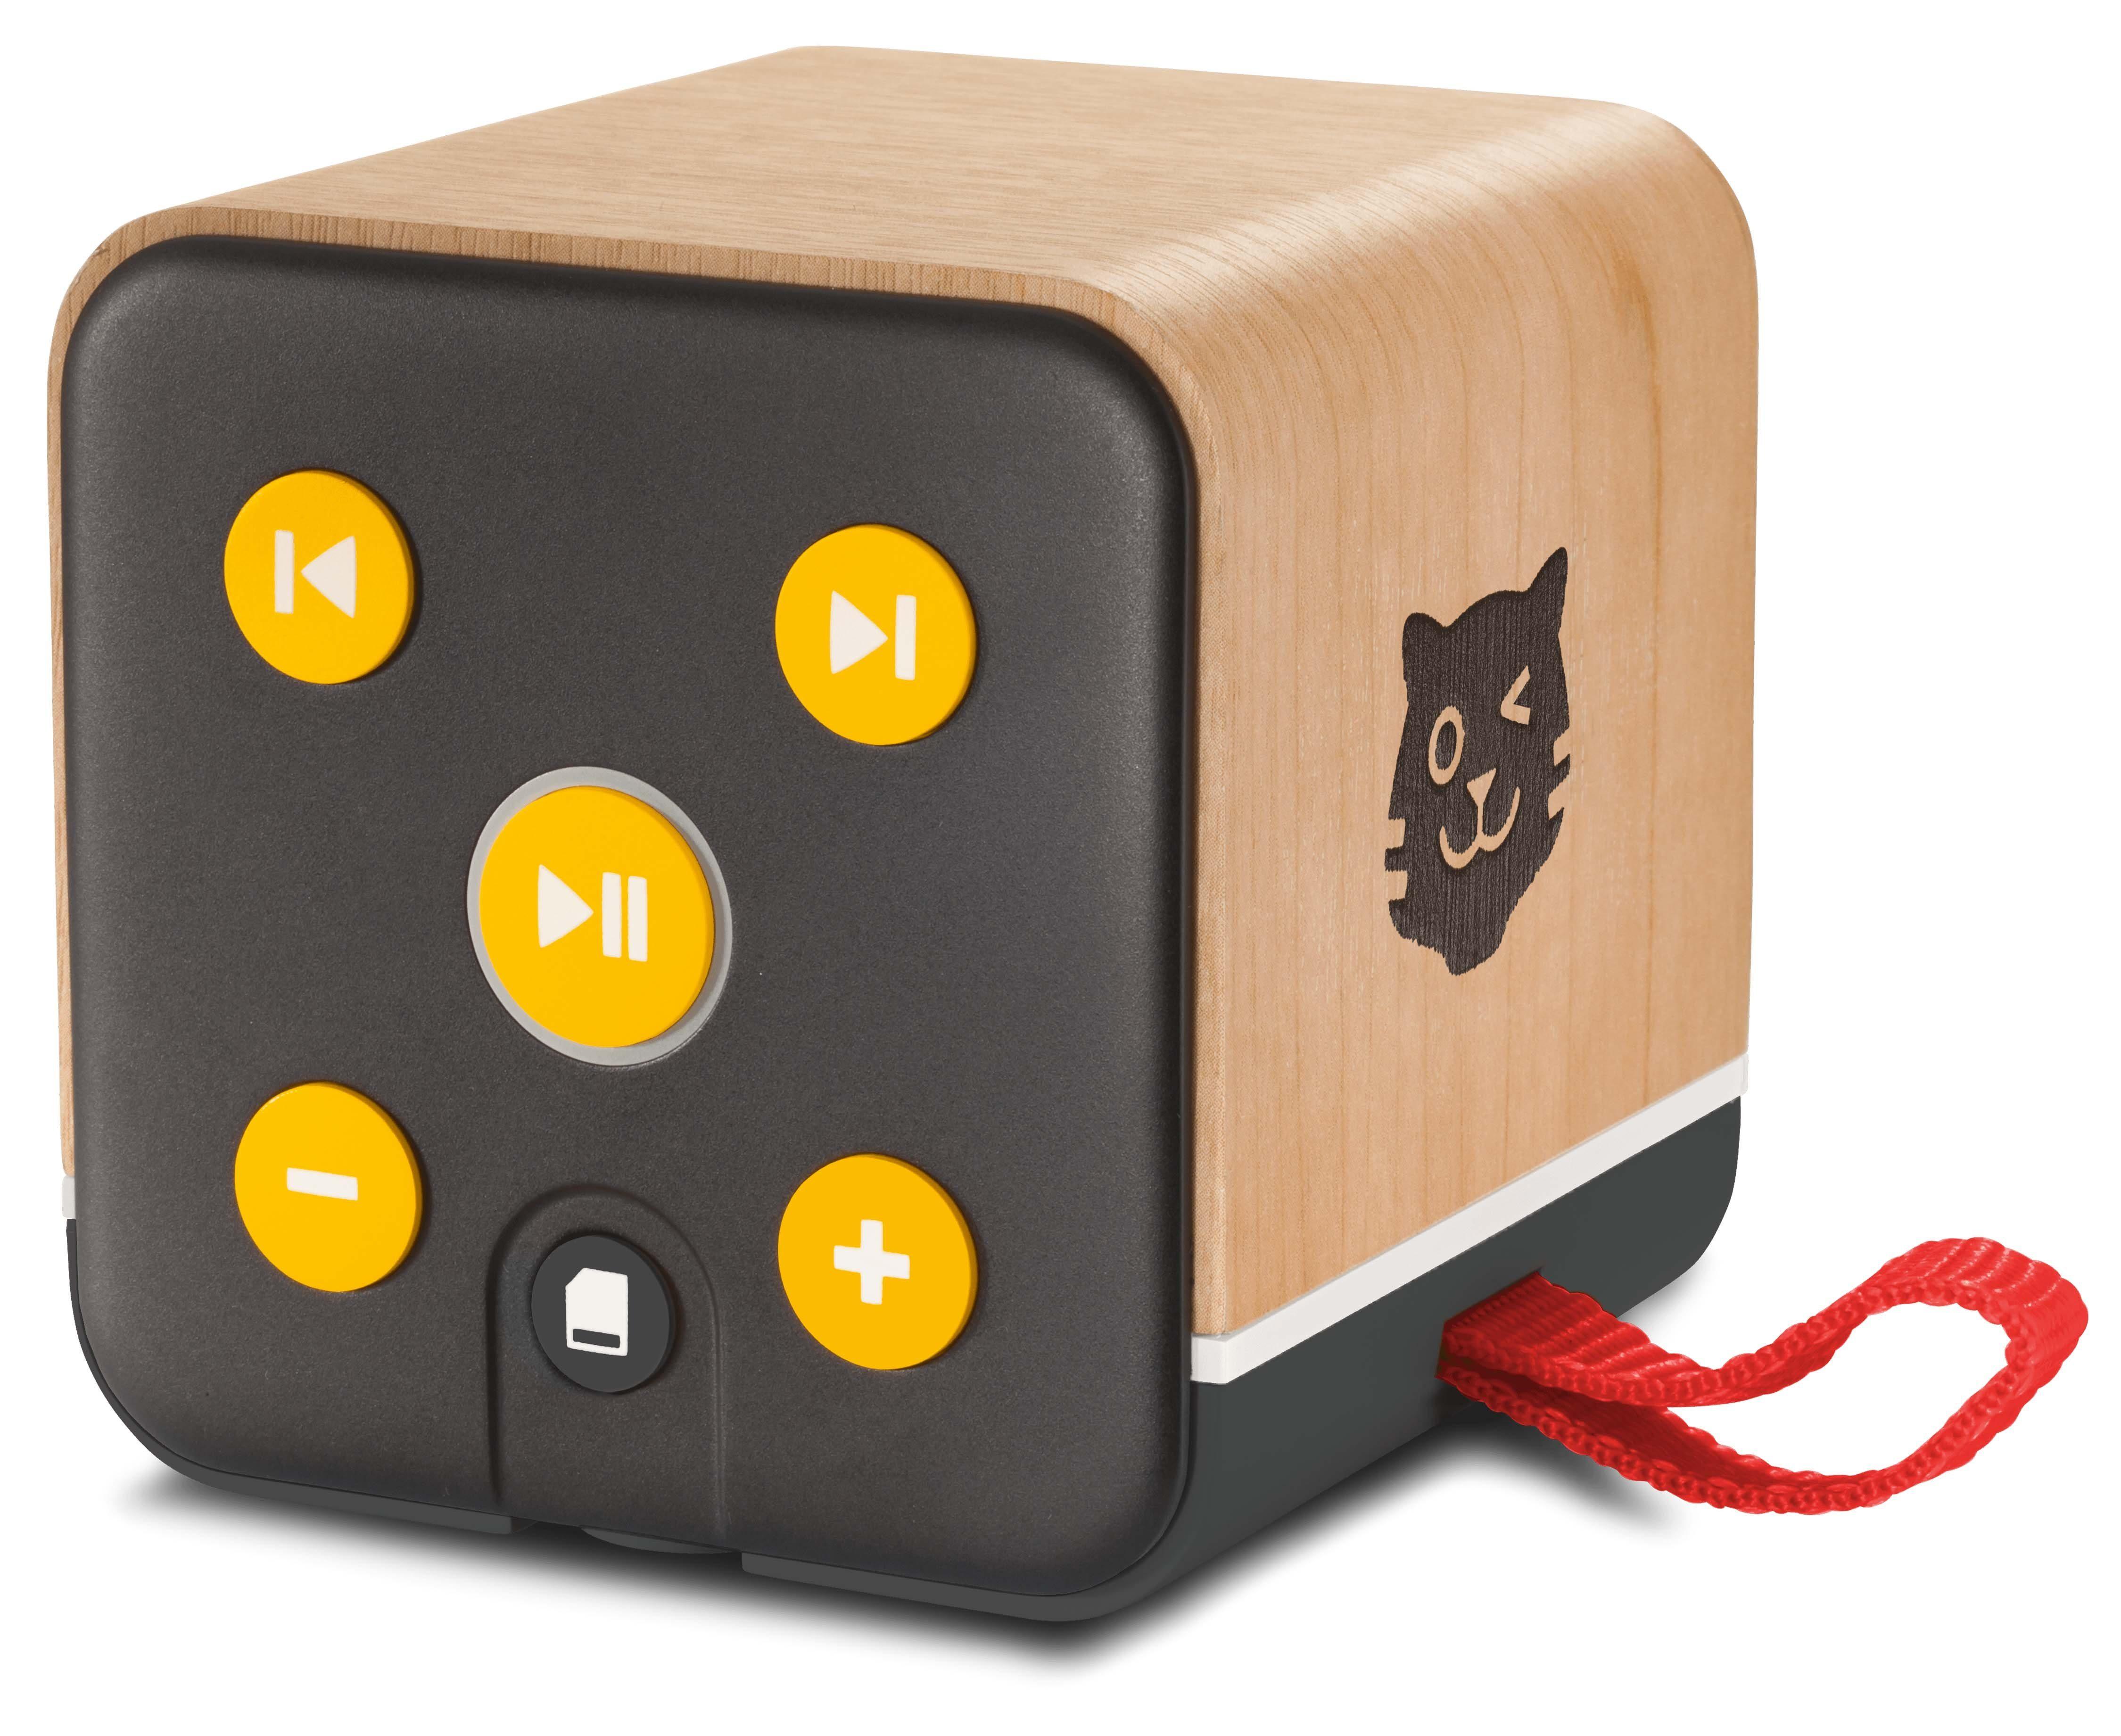 Lenco Bluetooth-Lautsprecher für Kinder - Akku, gratis Kinderlieder »TigerBox MM«